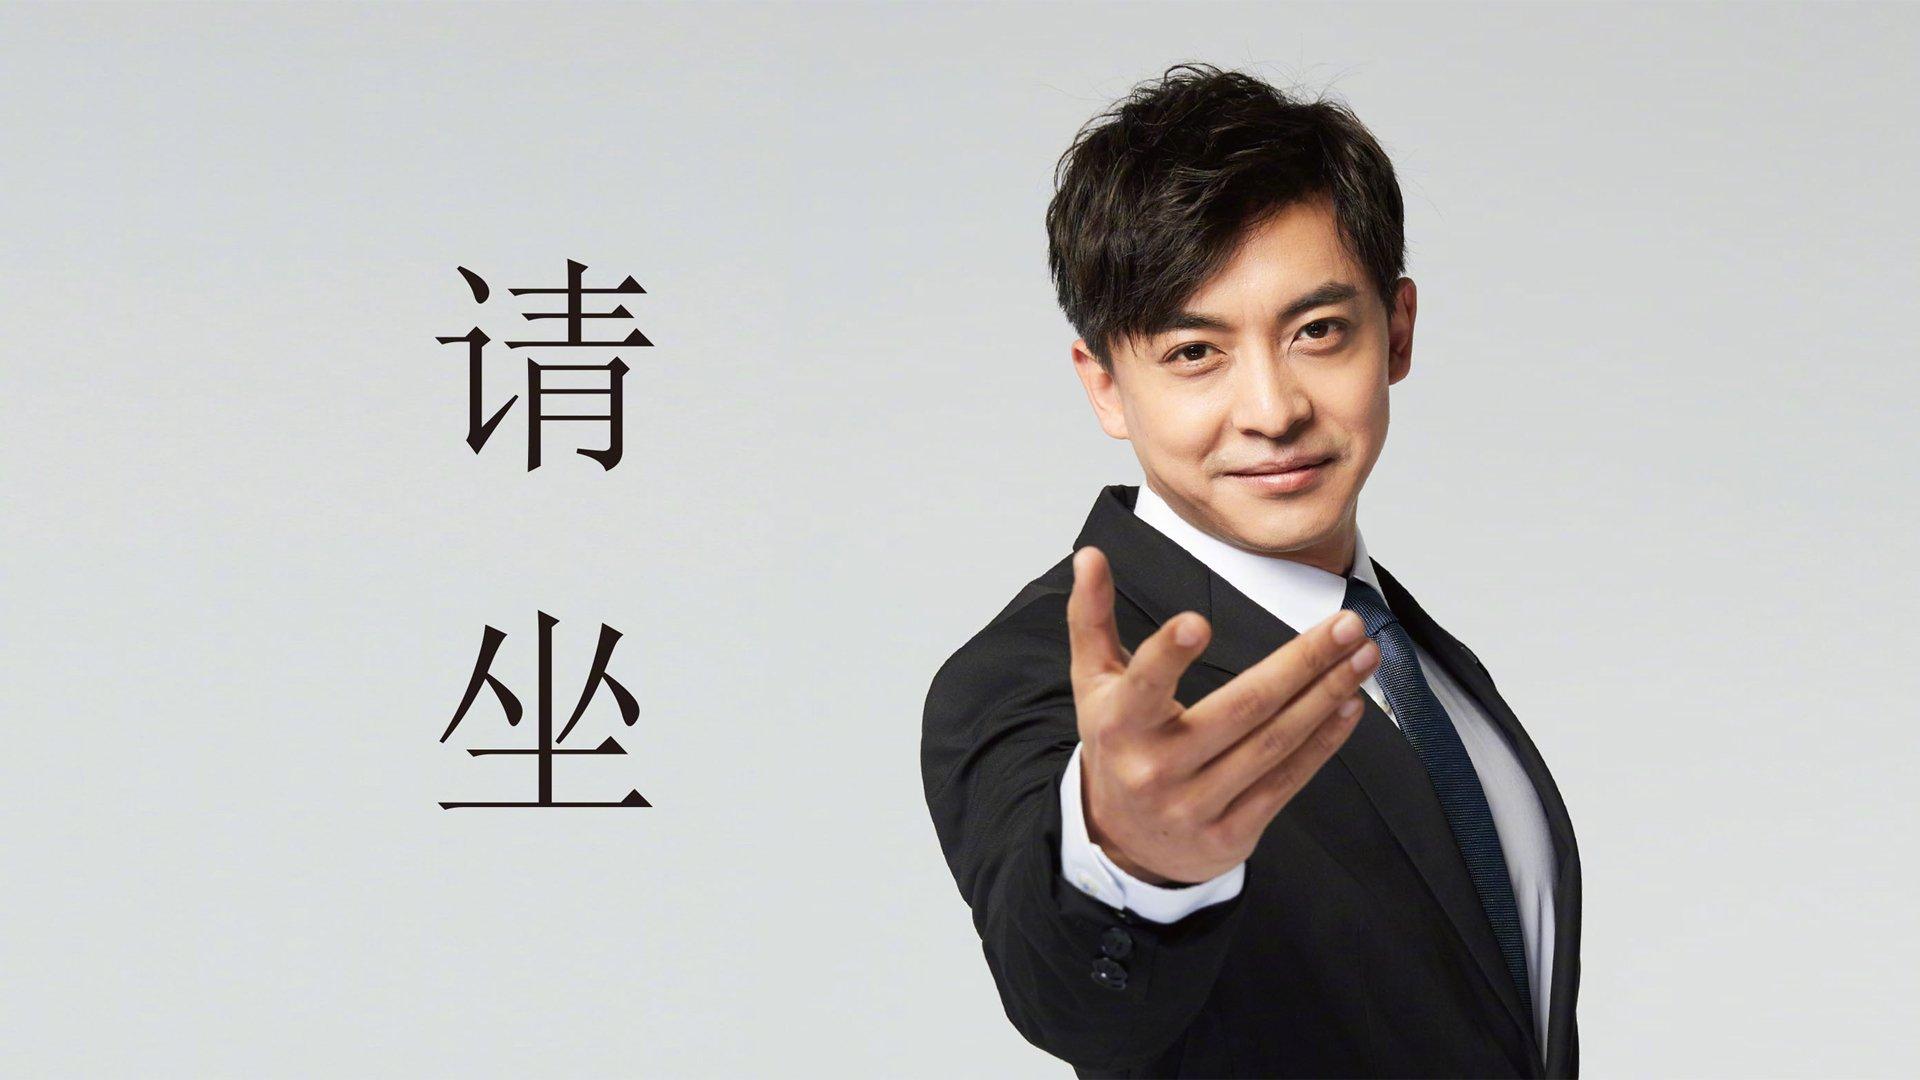 感知团体上海科技无限公司引见?